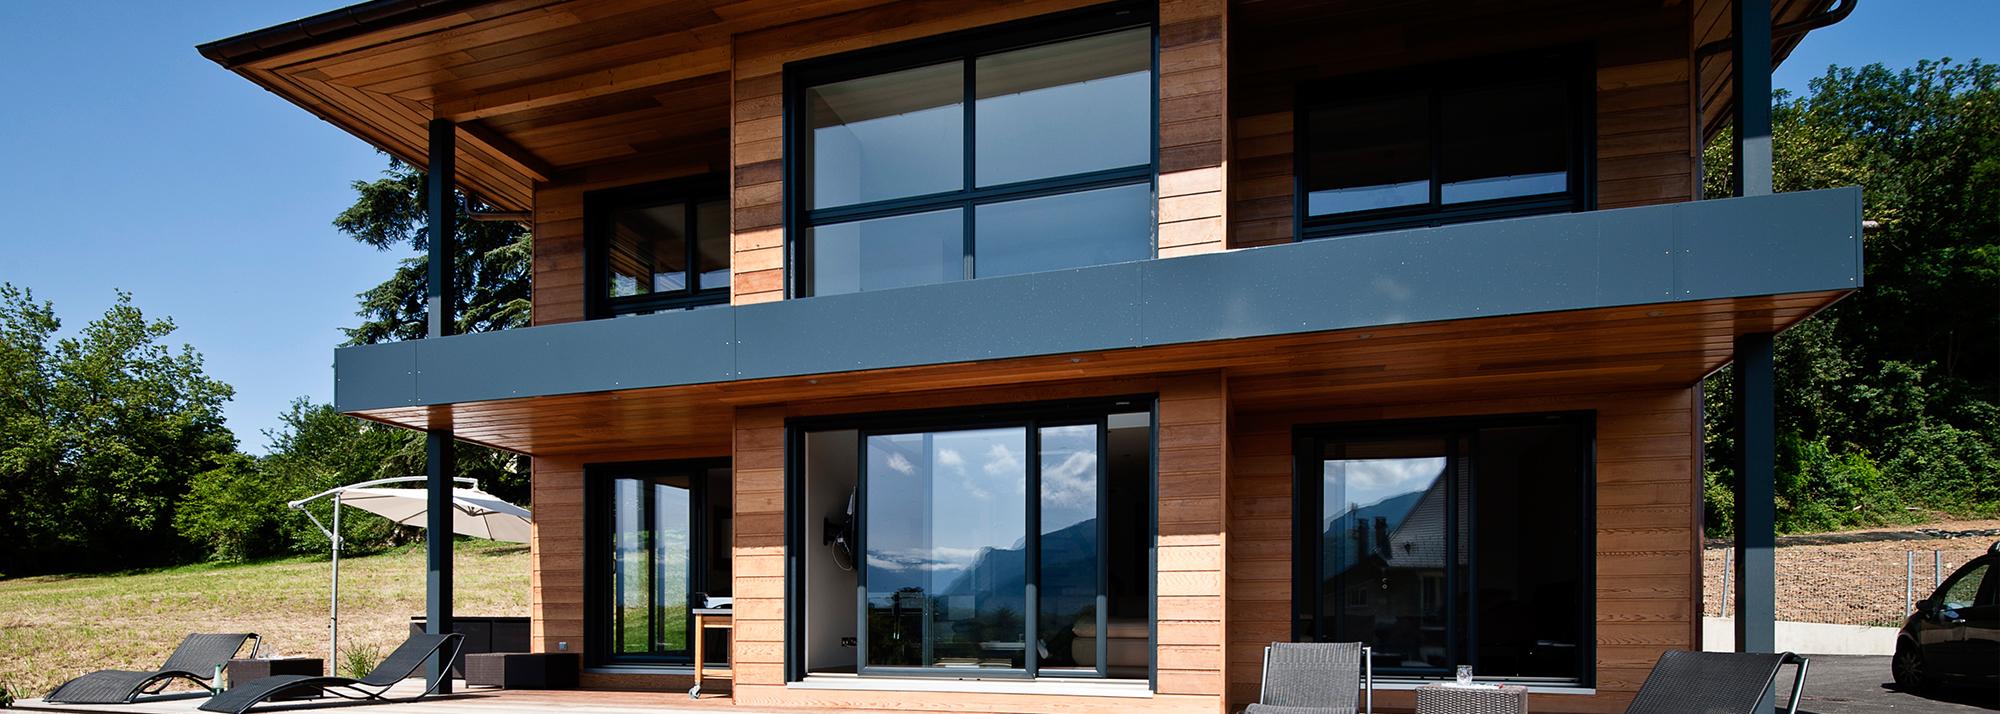 Constructeur maison en bois landes